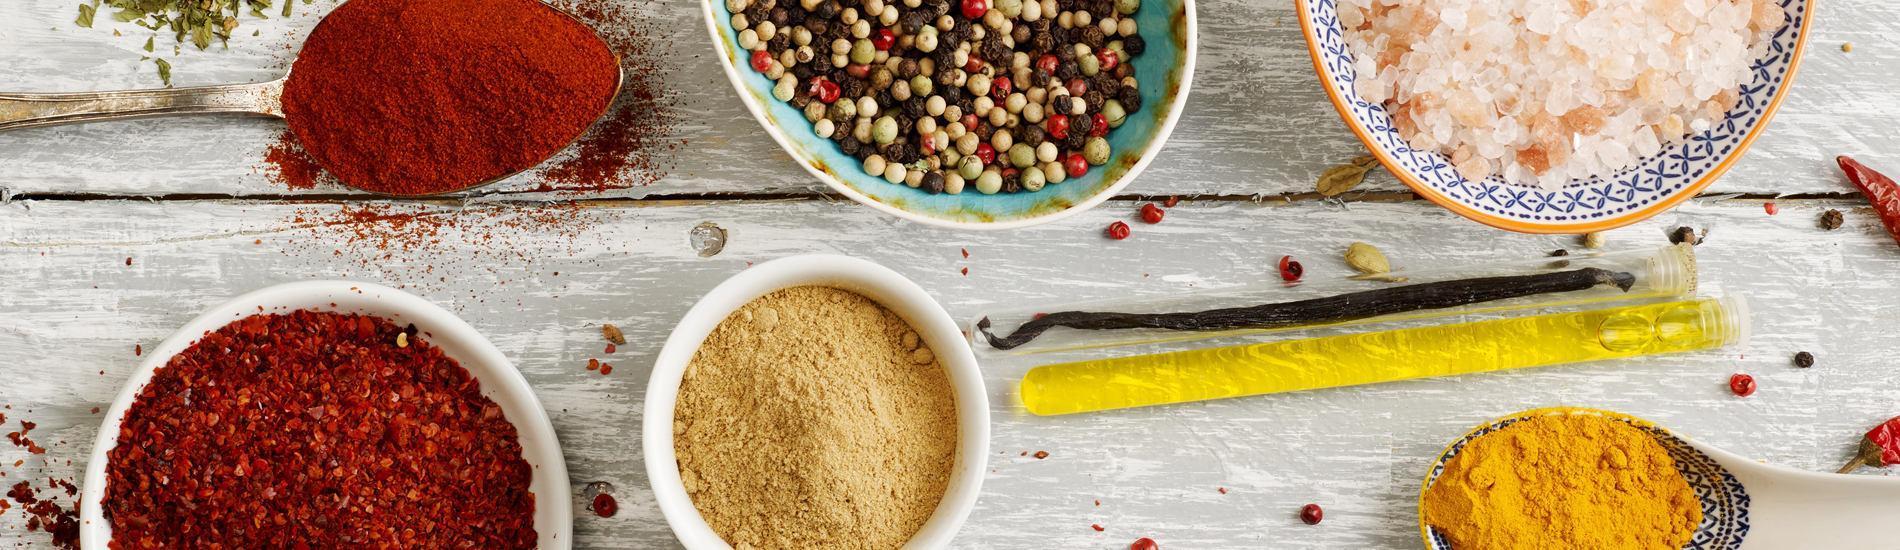 Côté salé, découvrez notre gamme variée en produits d'épicerie bio